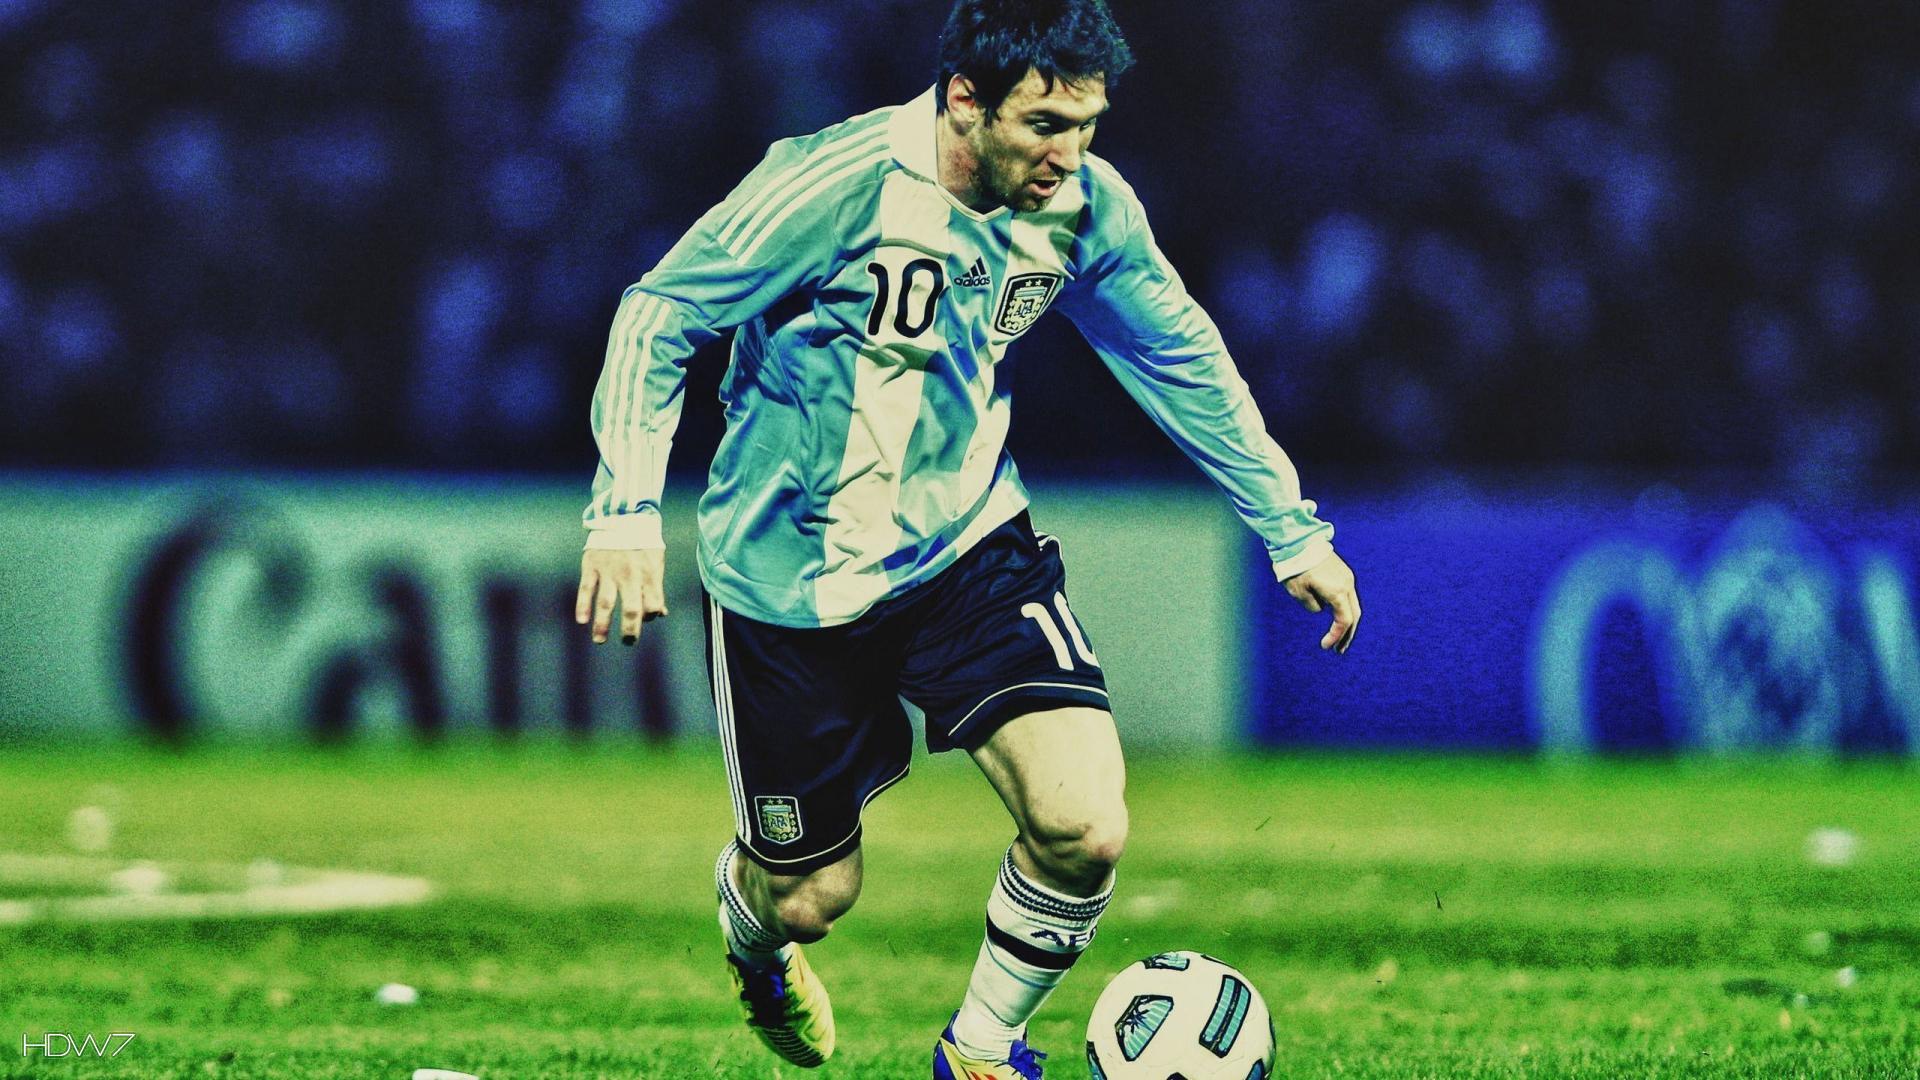 lionel messi argentina football 1080p